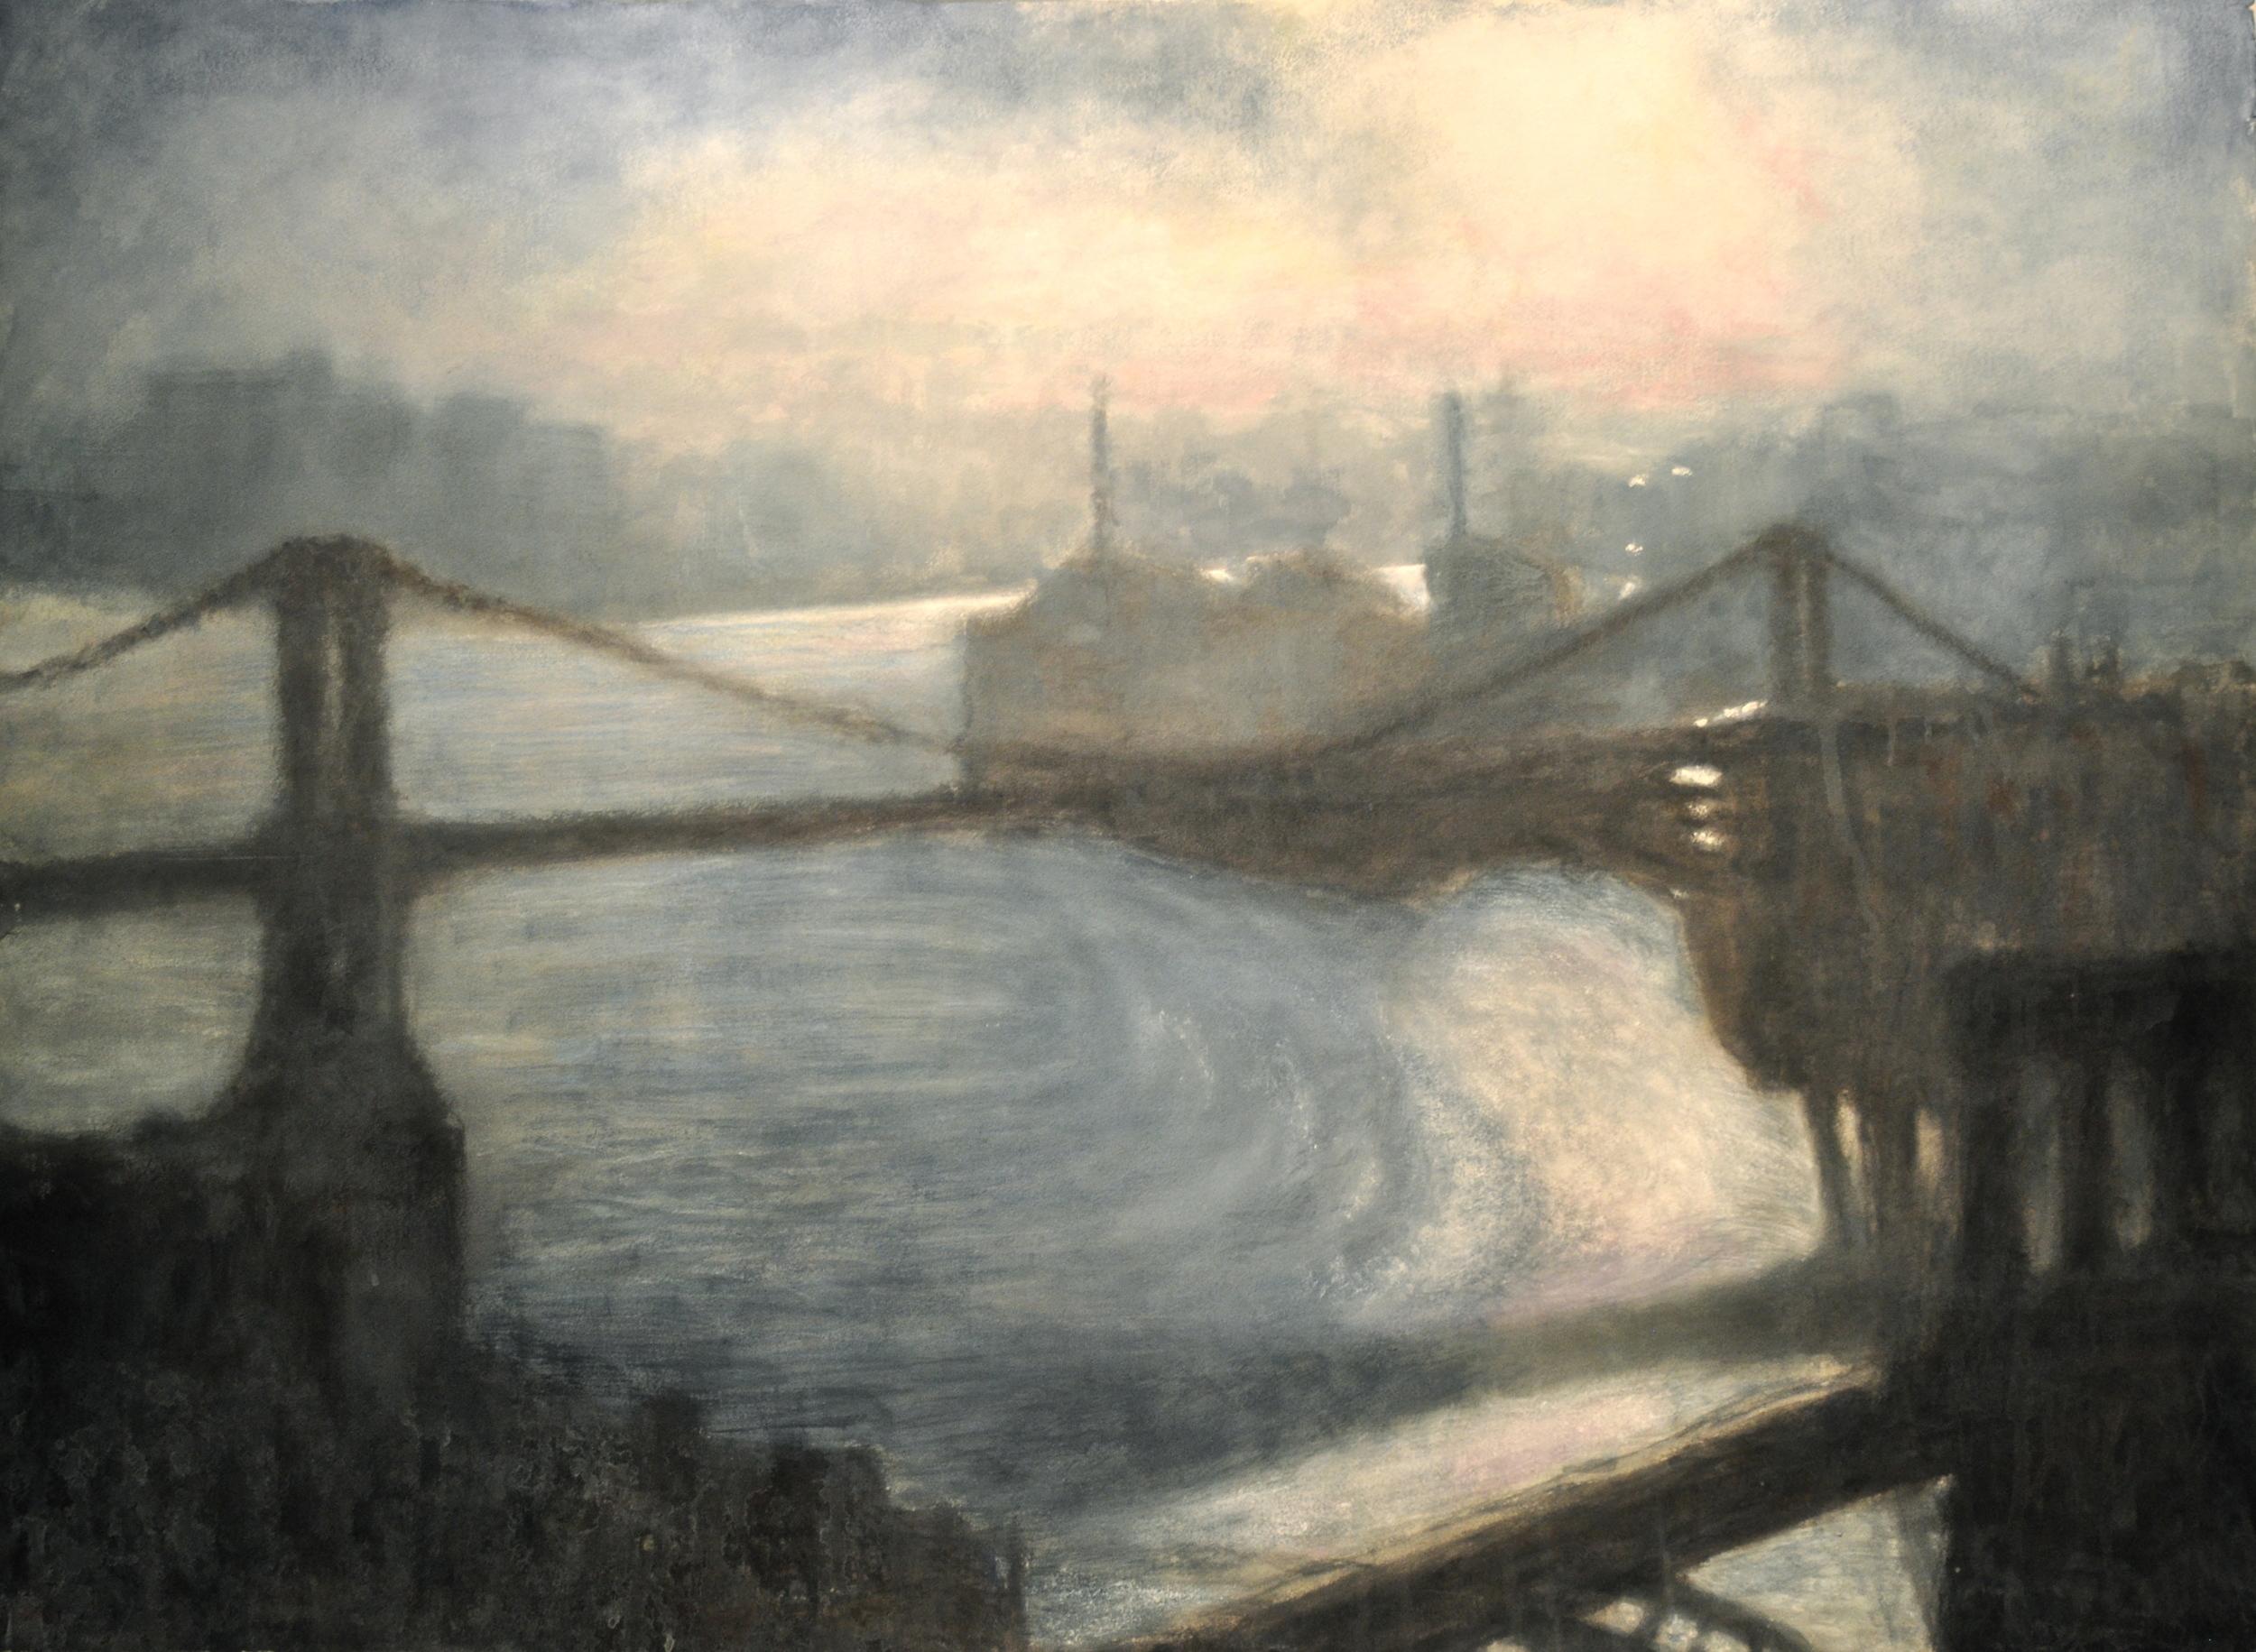 East River Dawn III • 51.5 x 37.5